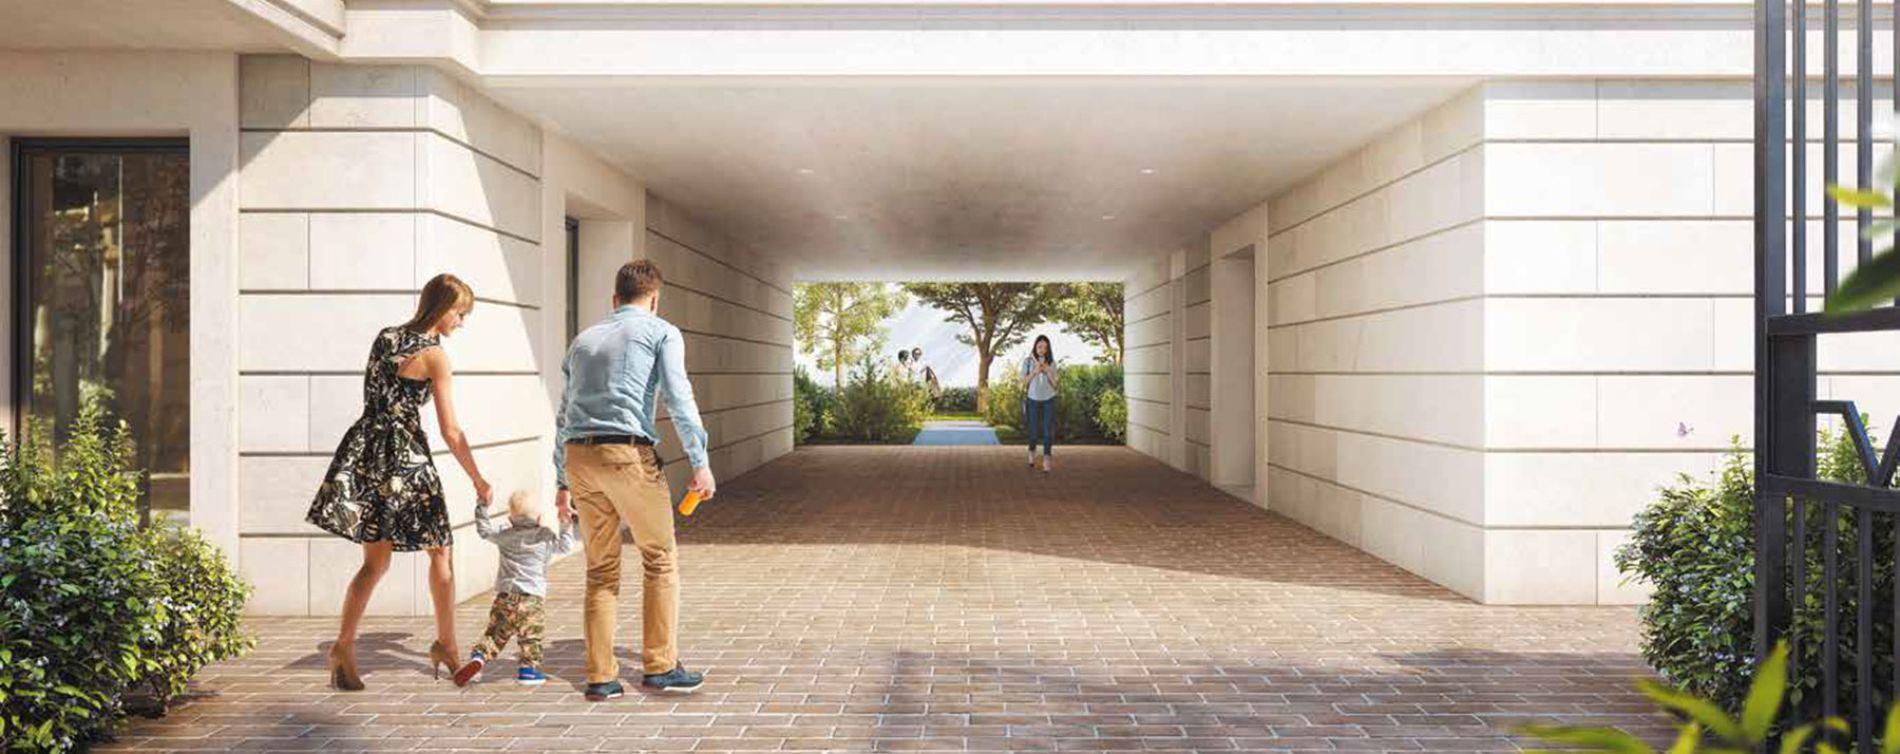 Saint-Ouen-sur-Seine : programme immobilier neuve « Society » (3)